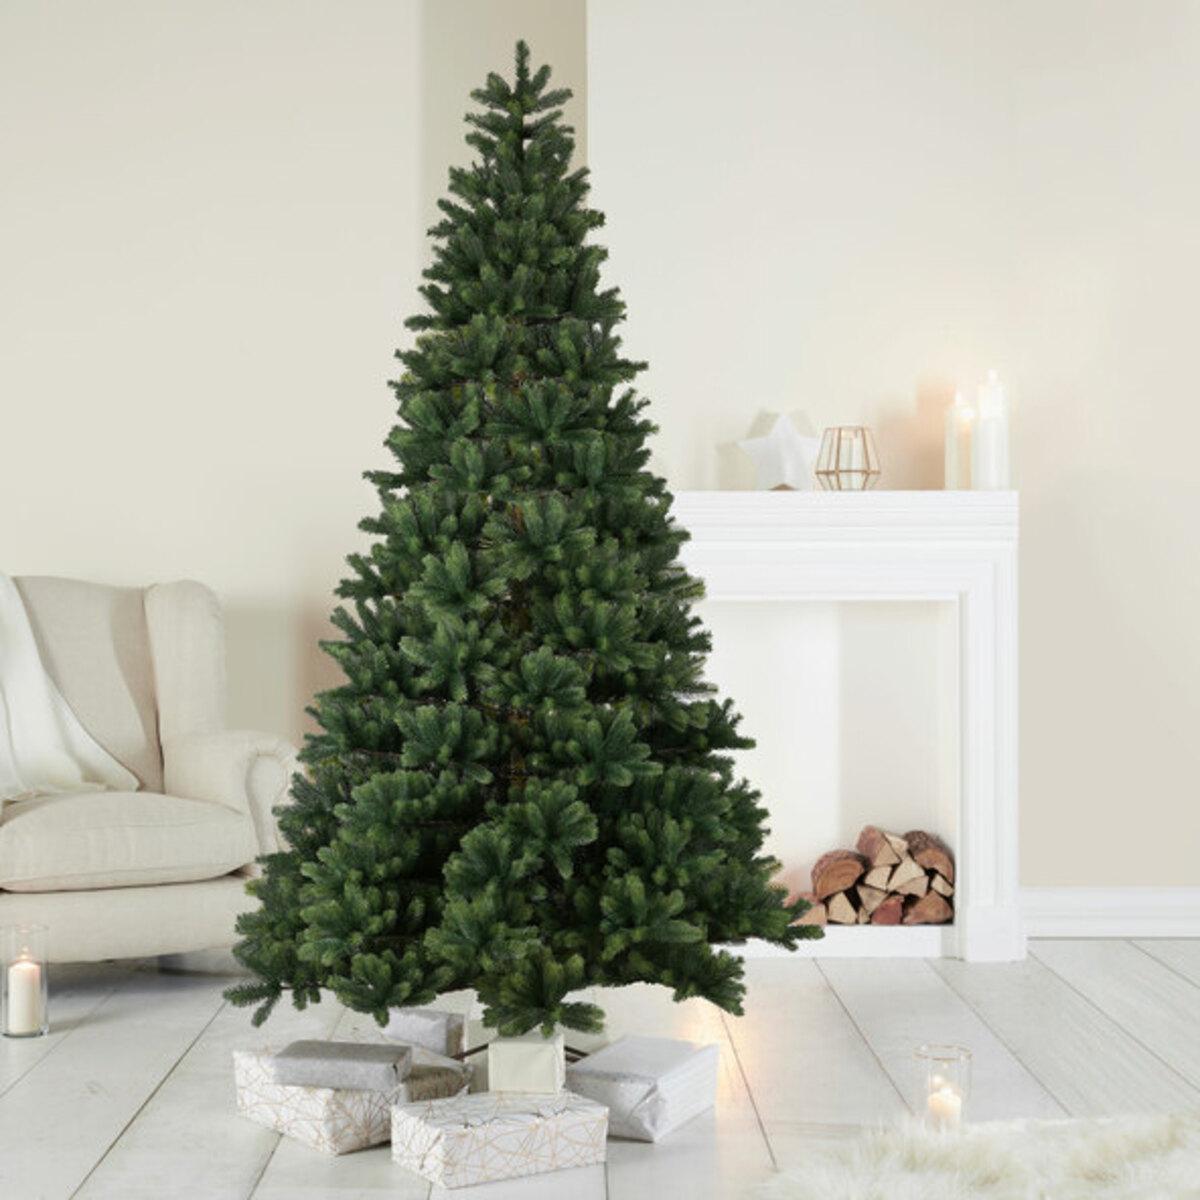 Bild 1 von Naturgetreuer Christbaum